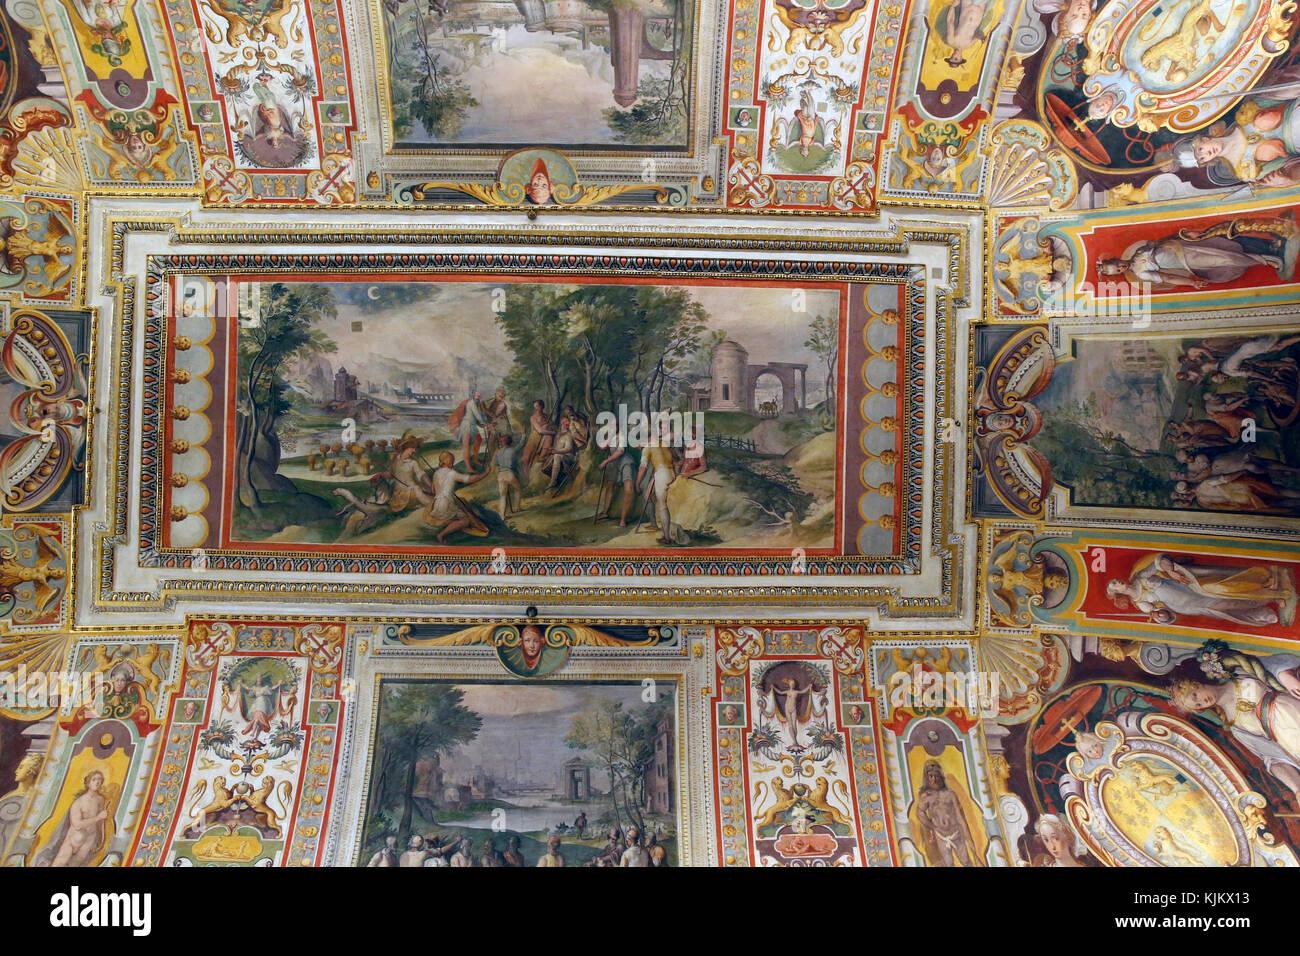 Galerie Barberini, Rom. Decke. Italien. Stockbild